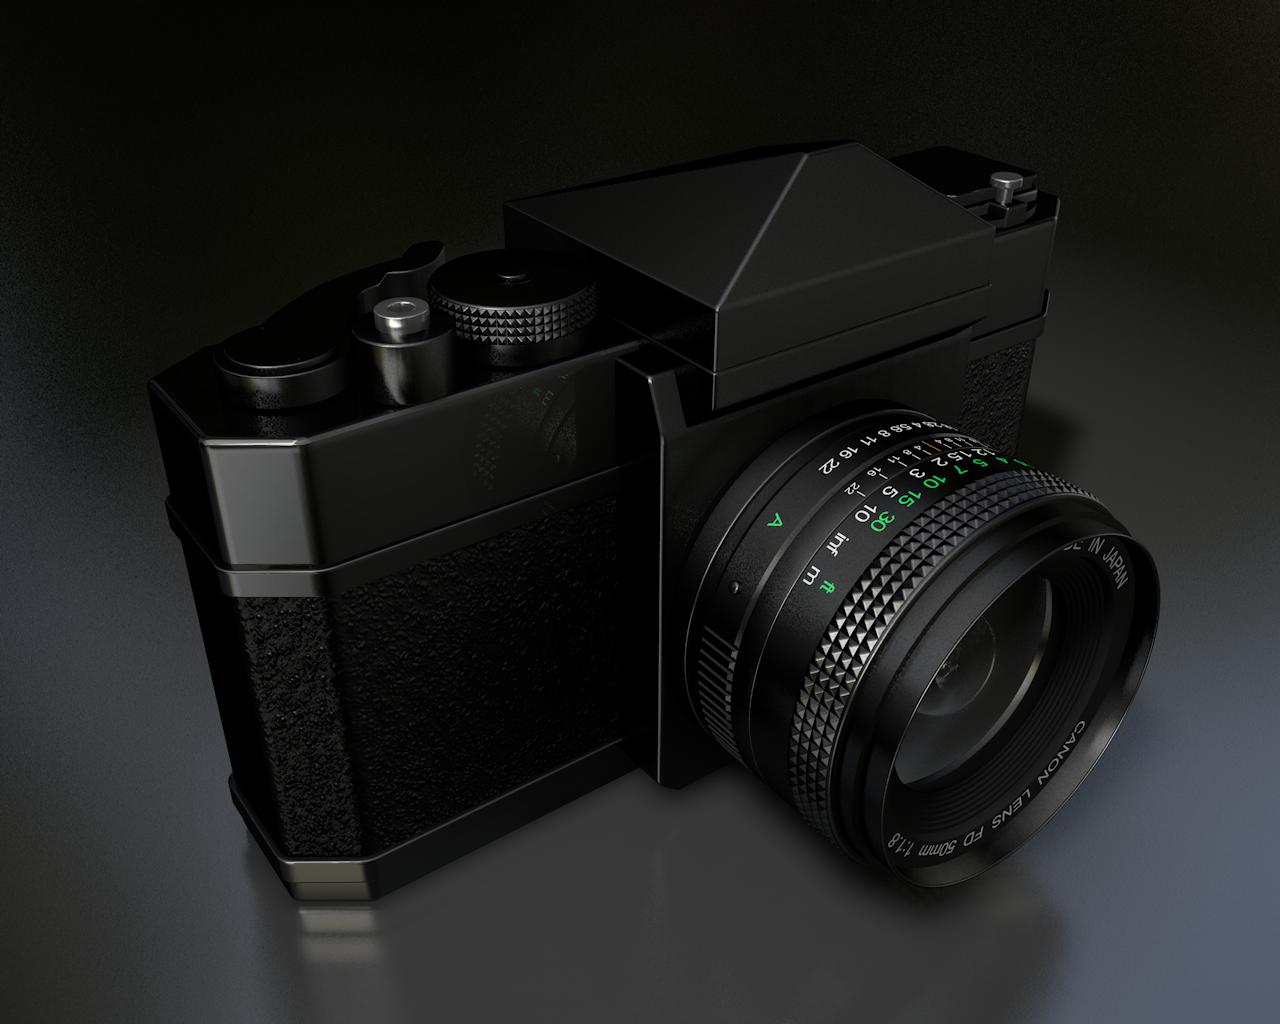 Canon F1 Study